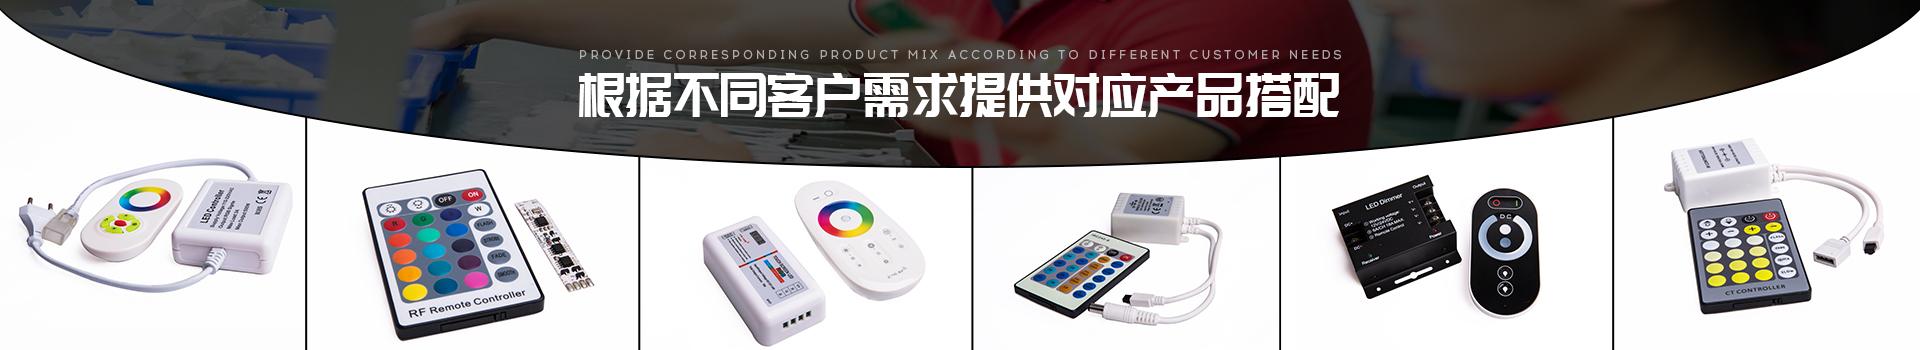 亚美云创根据不同客户需求提供对应产品搭配